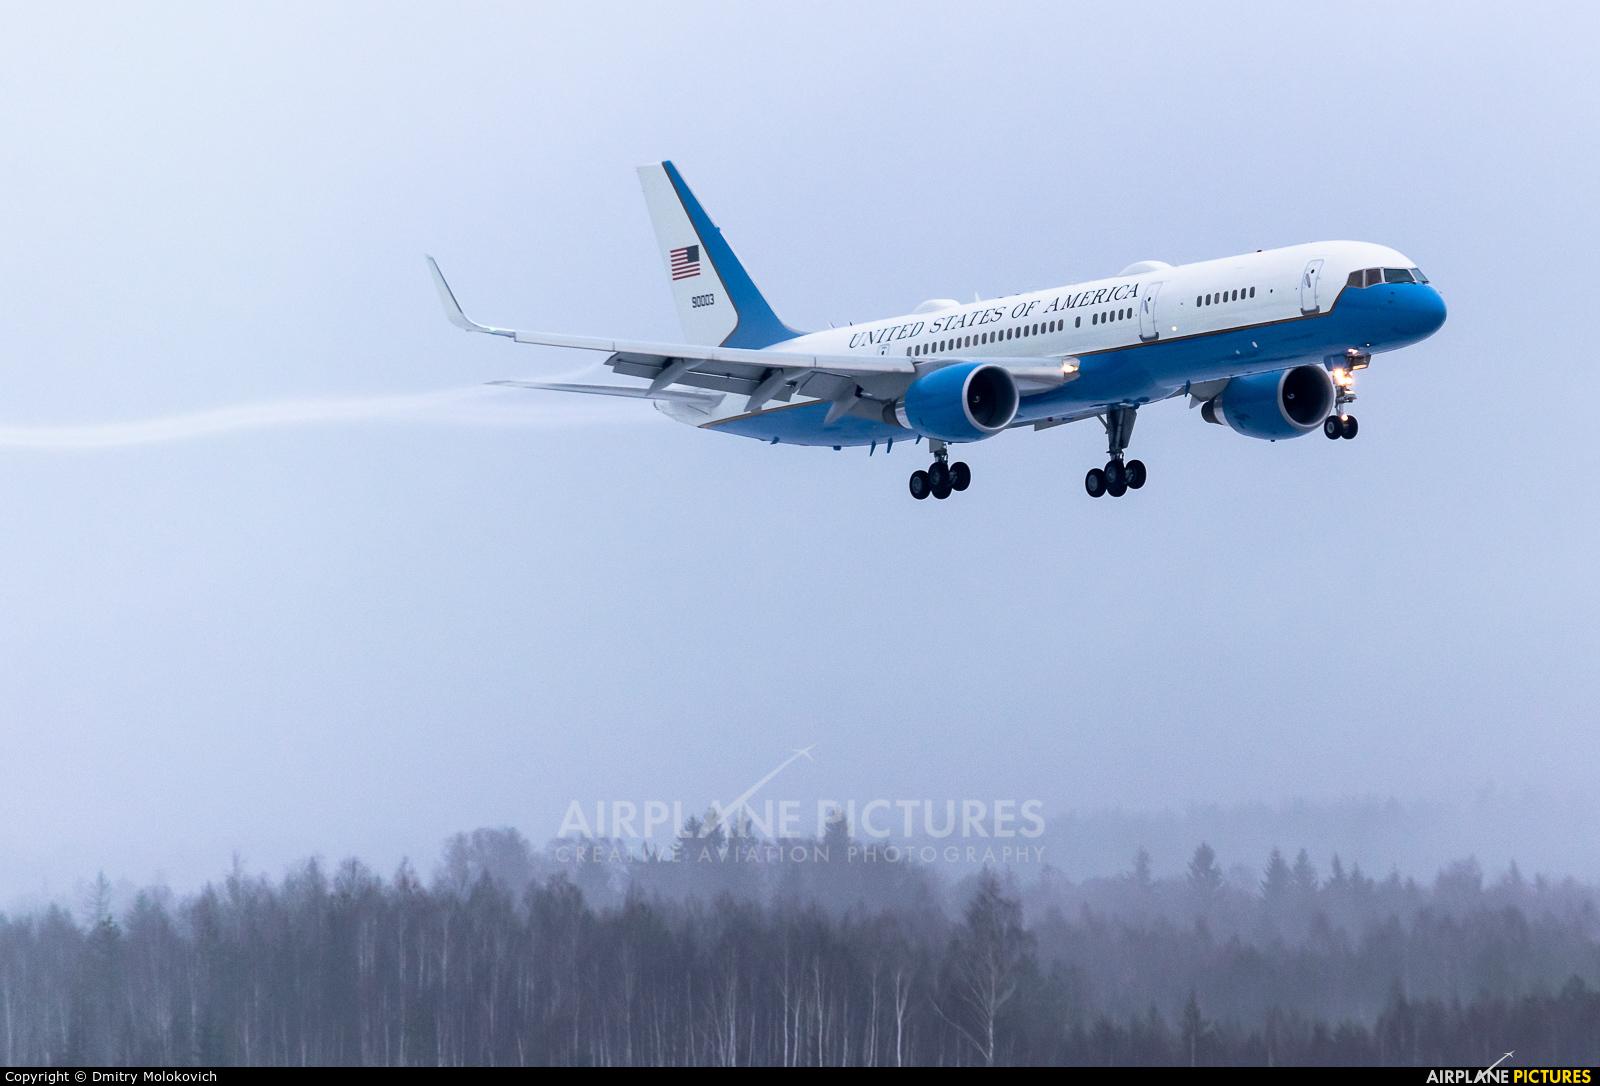 USA - Air Force 99-0003 aircraft at Minsk Intl